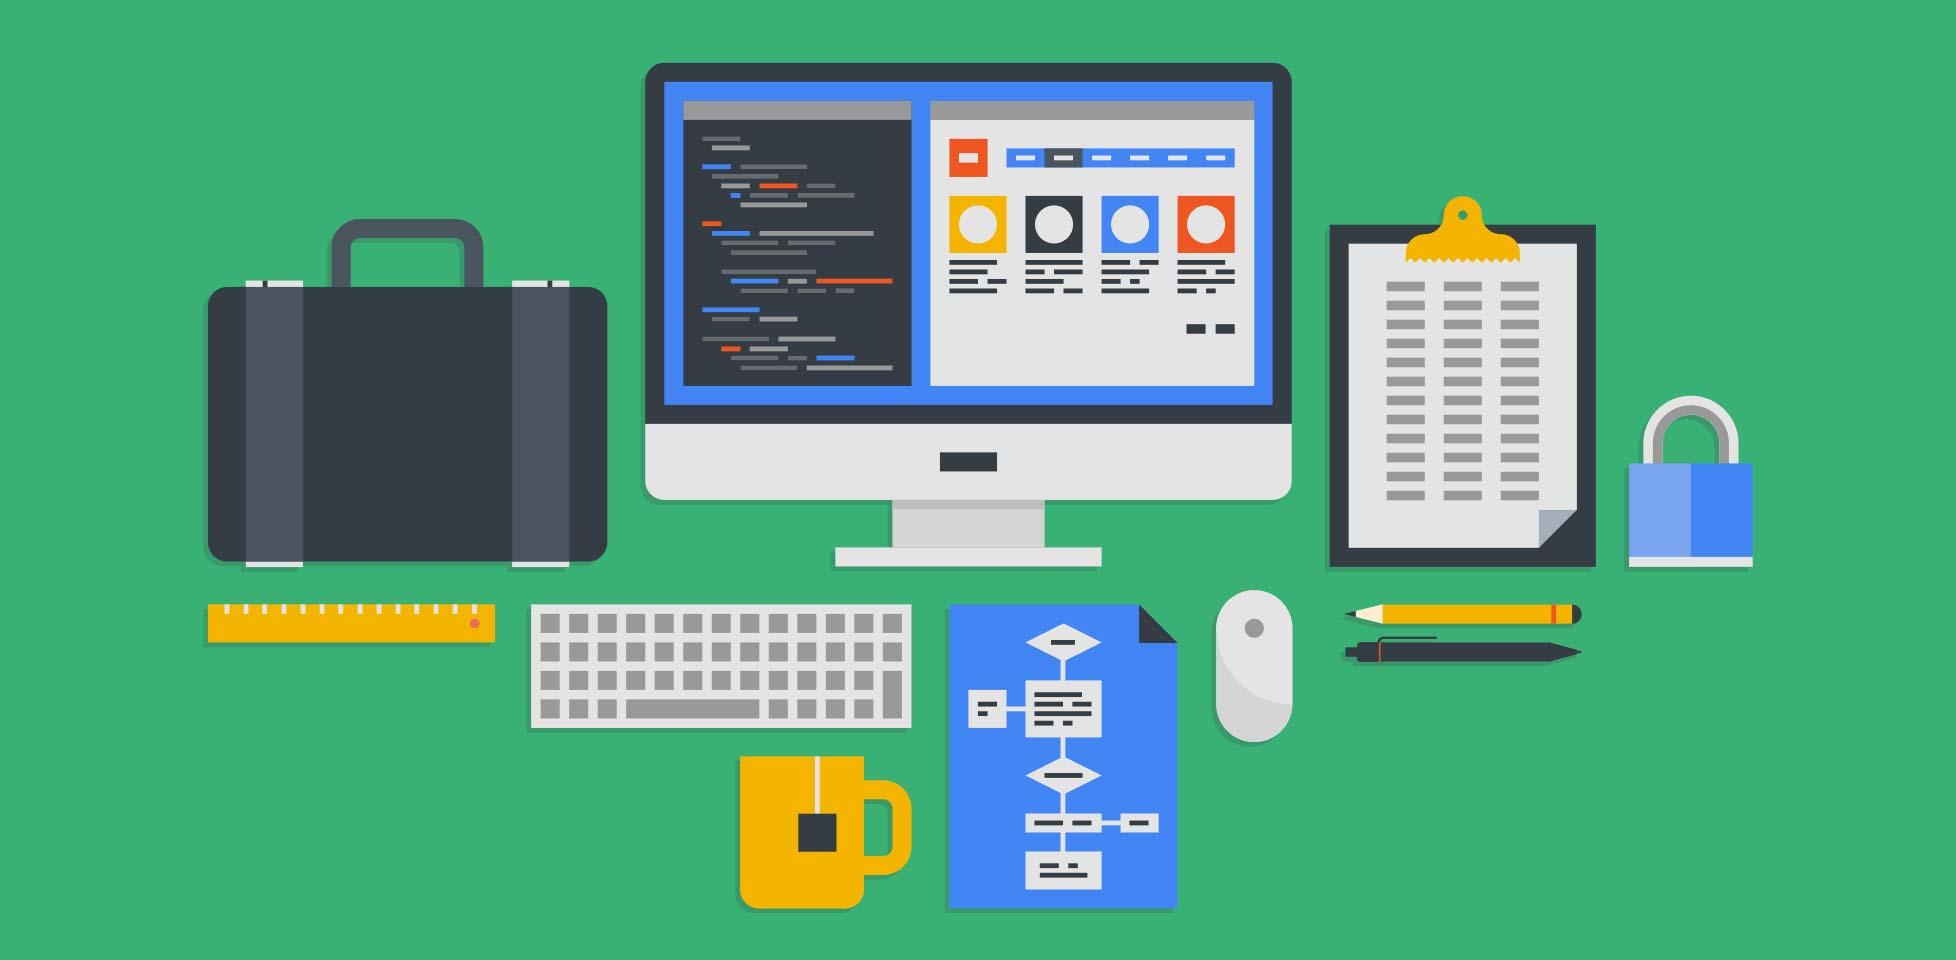 چرا طراحی سایت برای هر کسب و کاری اهمیت ویژه دارد؟